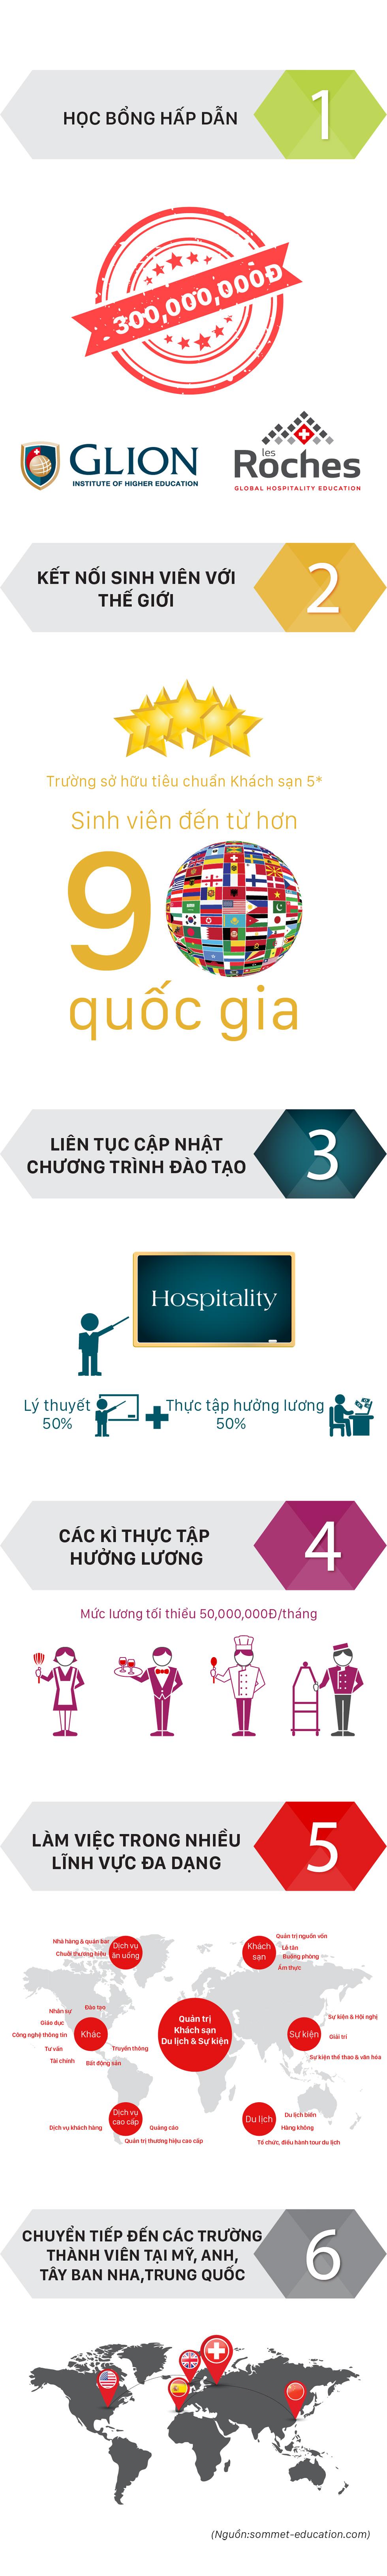 Sáu lý do học quản trị khách sạn tại Học viện Glion và Les Roches